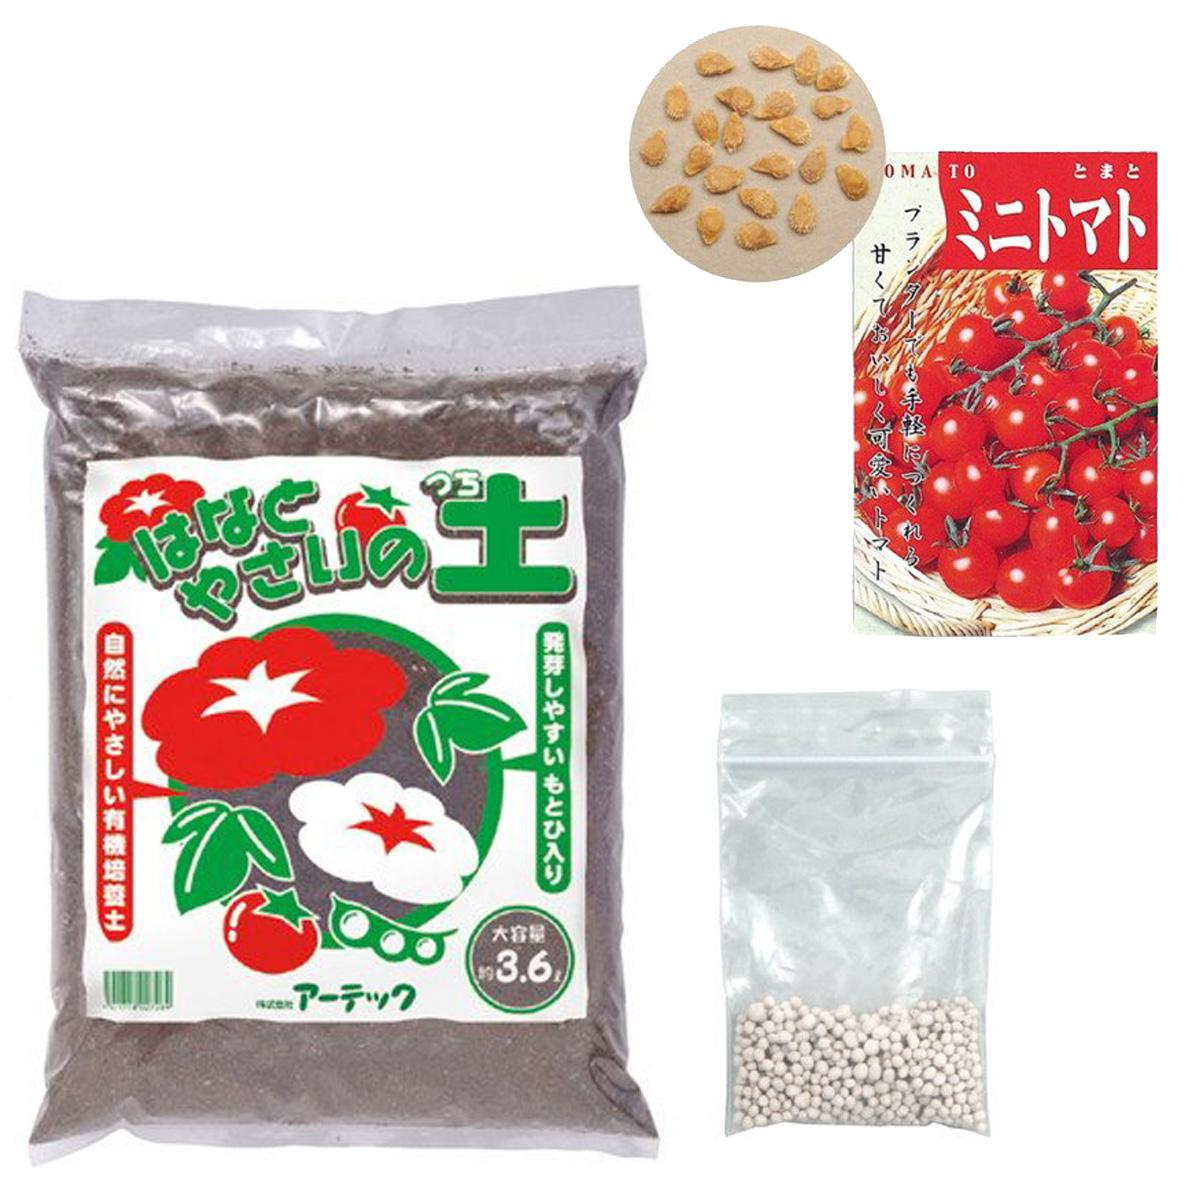 ミニトマト 栽培基本セット 2760 ミニトマト トマト 栽培セット ガーデニング 植物 育てる